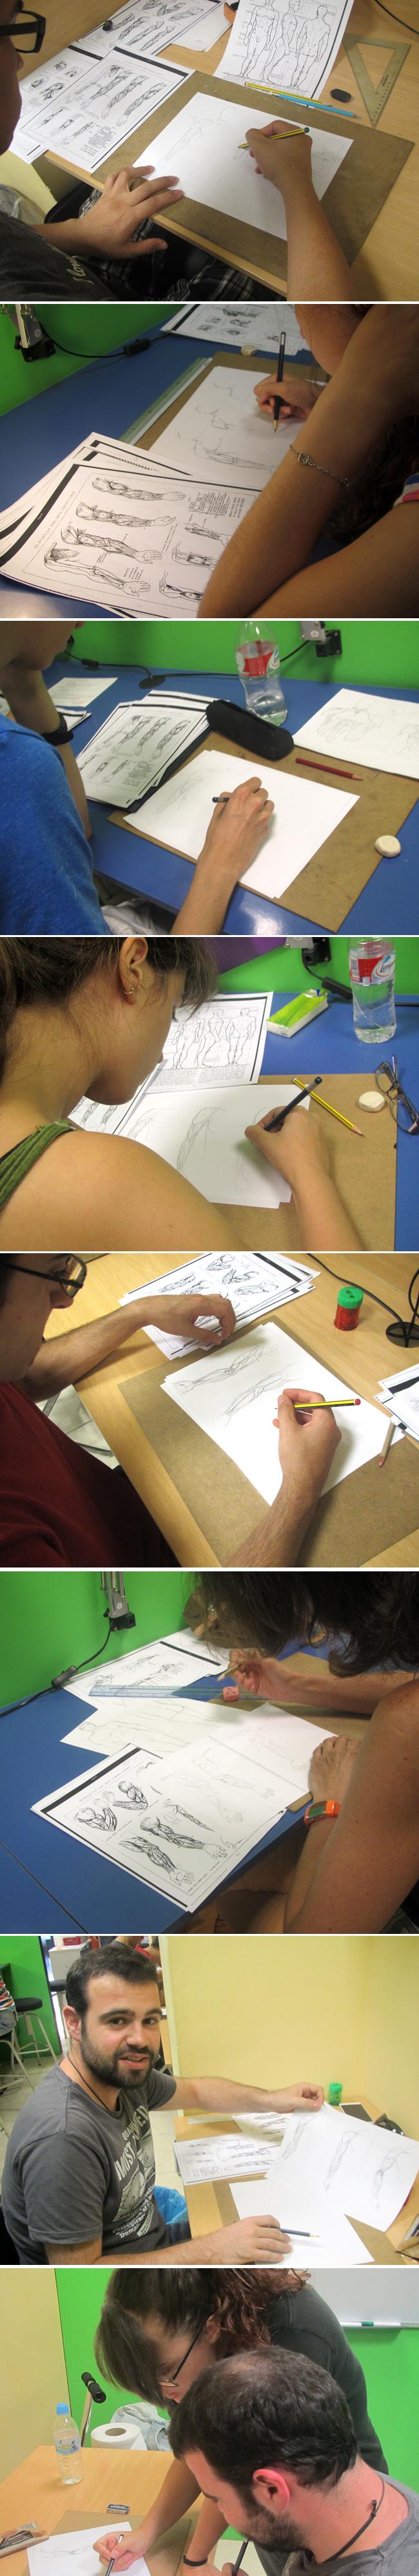 curso-intensivo-verano-dibujo-profesional-madrid-academiac10-trabajos-alumnos